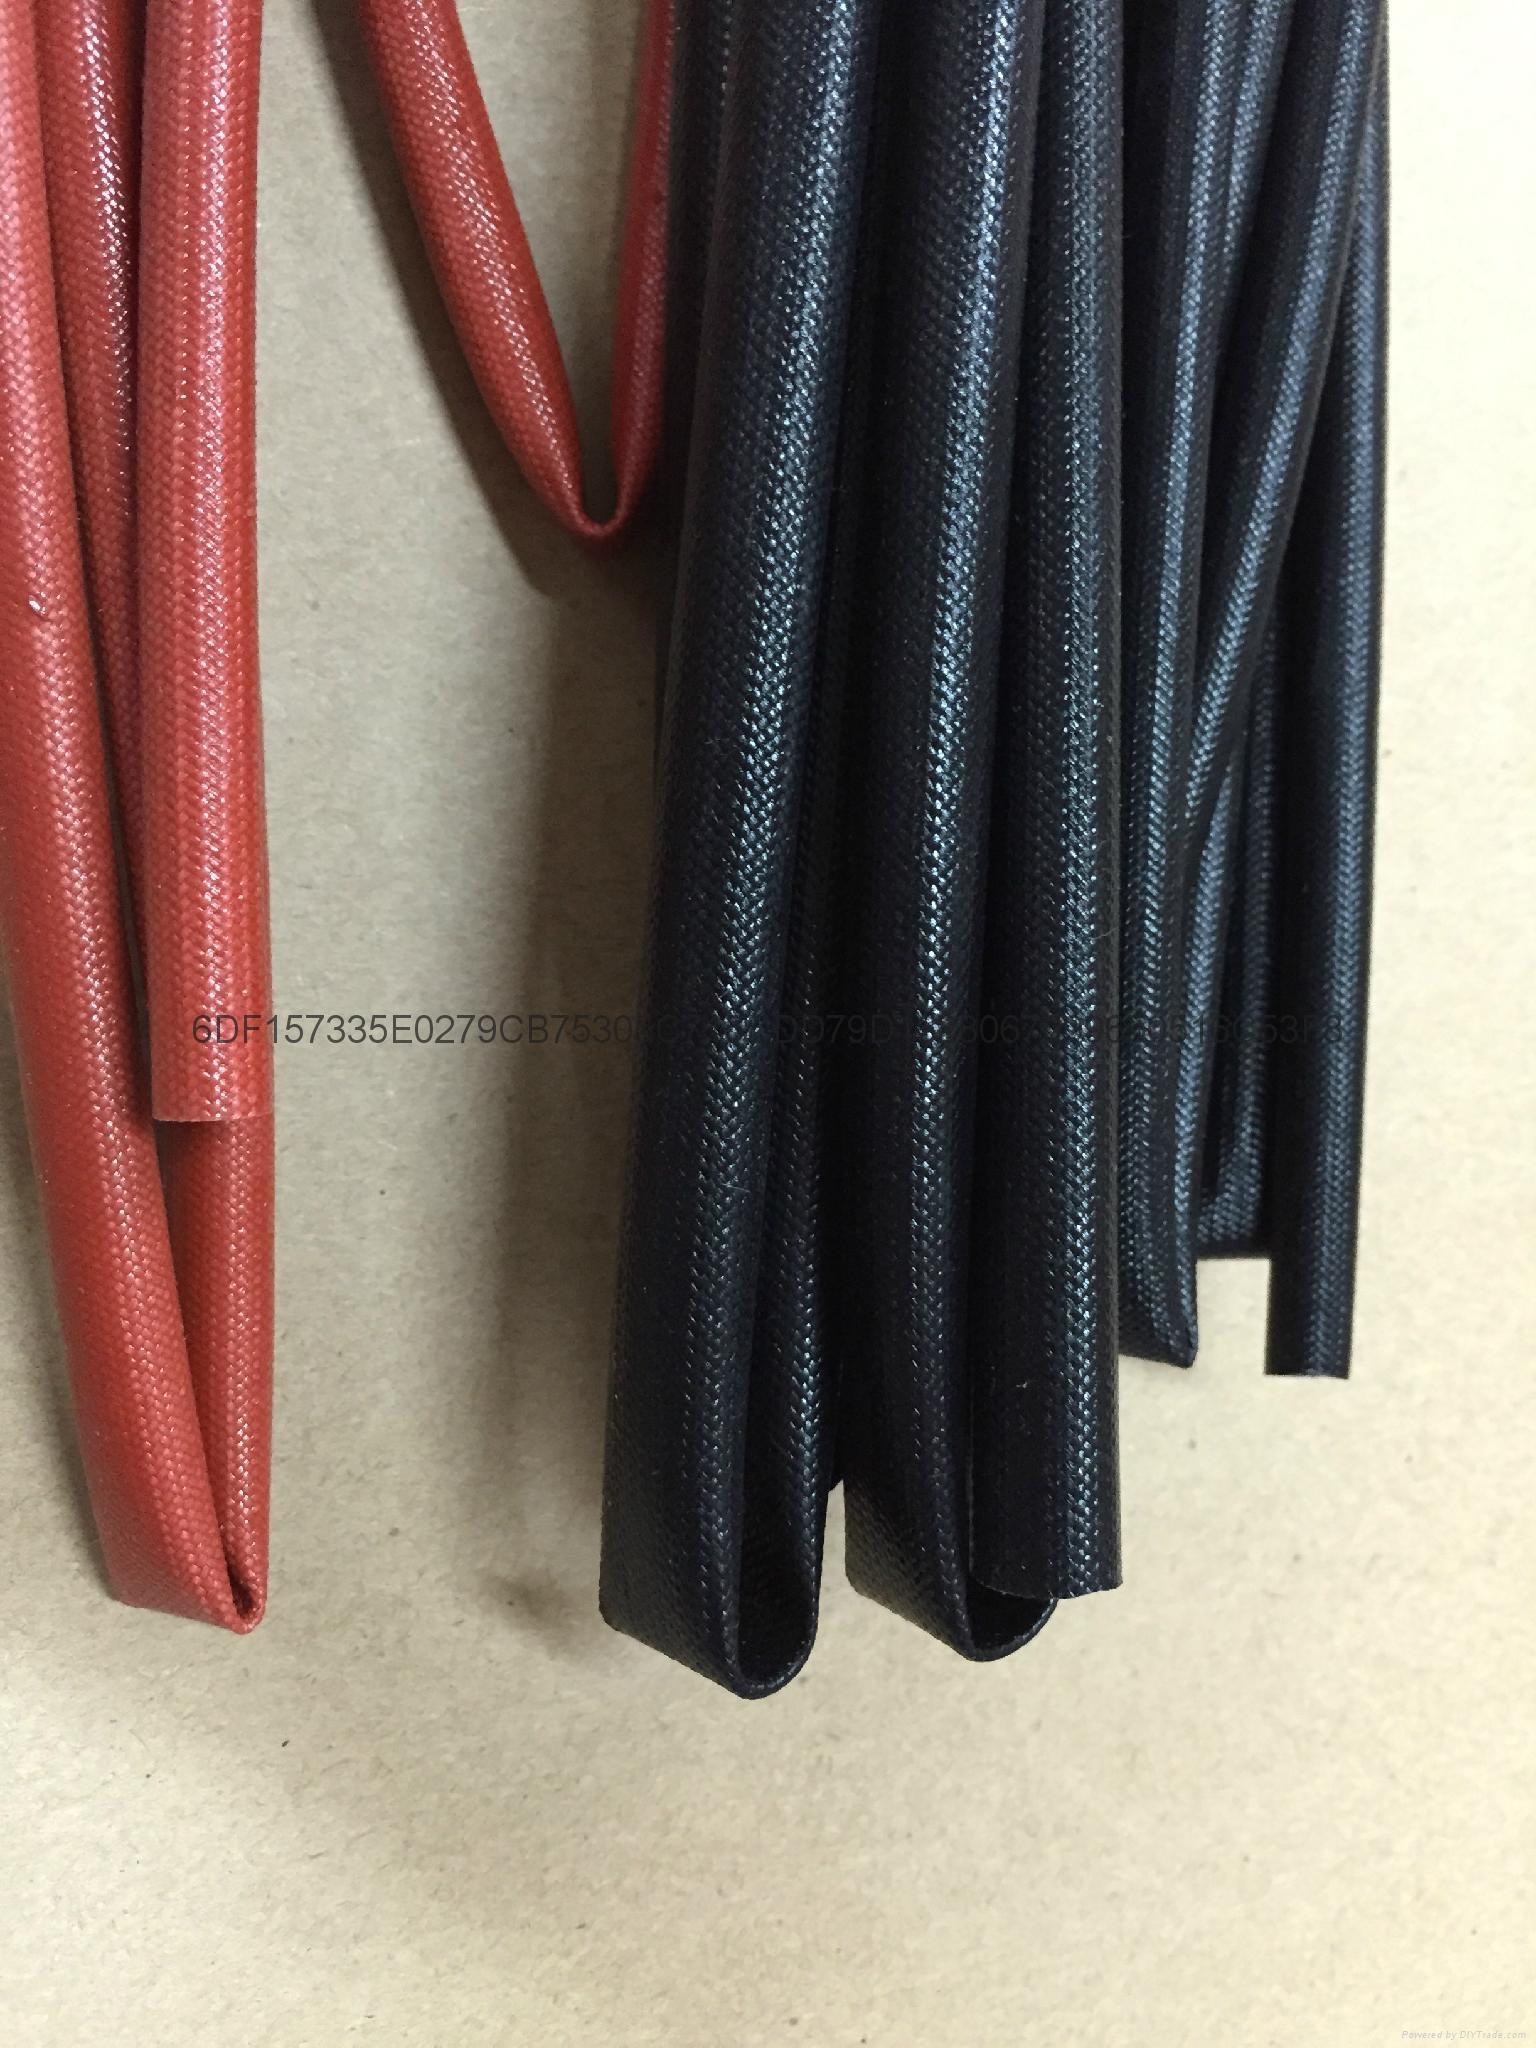 硅樹脂玻璃纖維套管 6